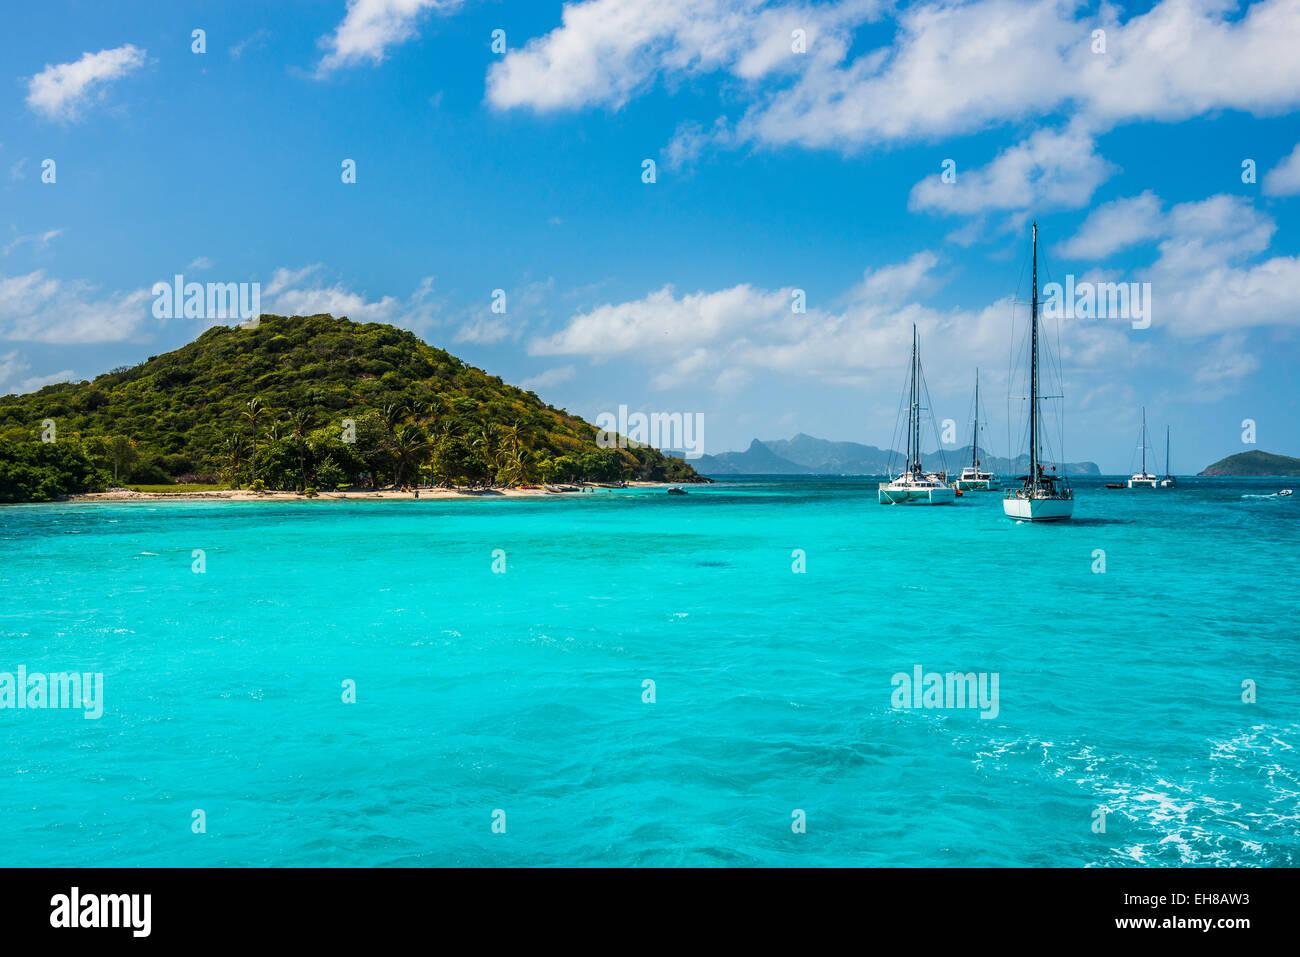 Bateaux à voile s'ancrant dans les Tobago Cays, Grenadines, Iles du Vent, Antilles, Caraïbes Photo Stock